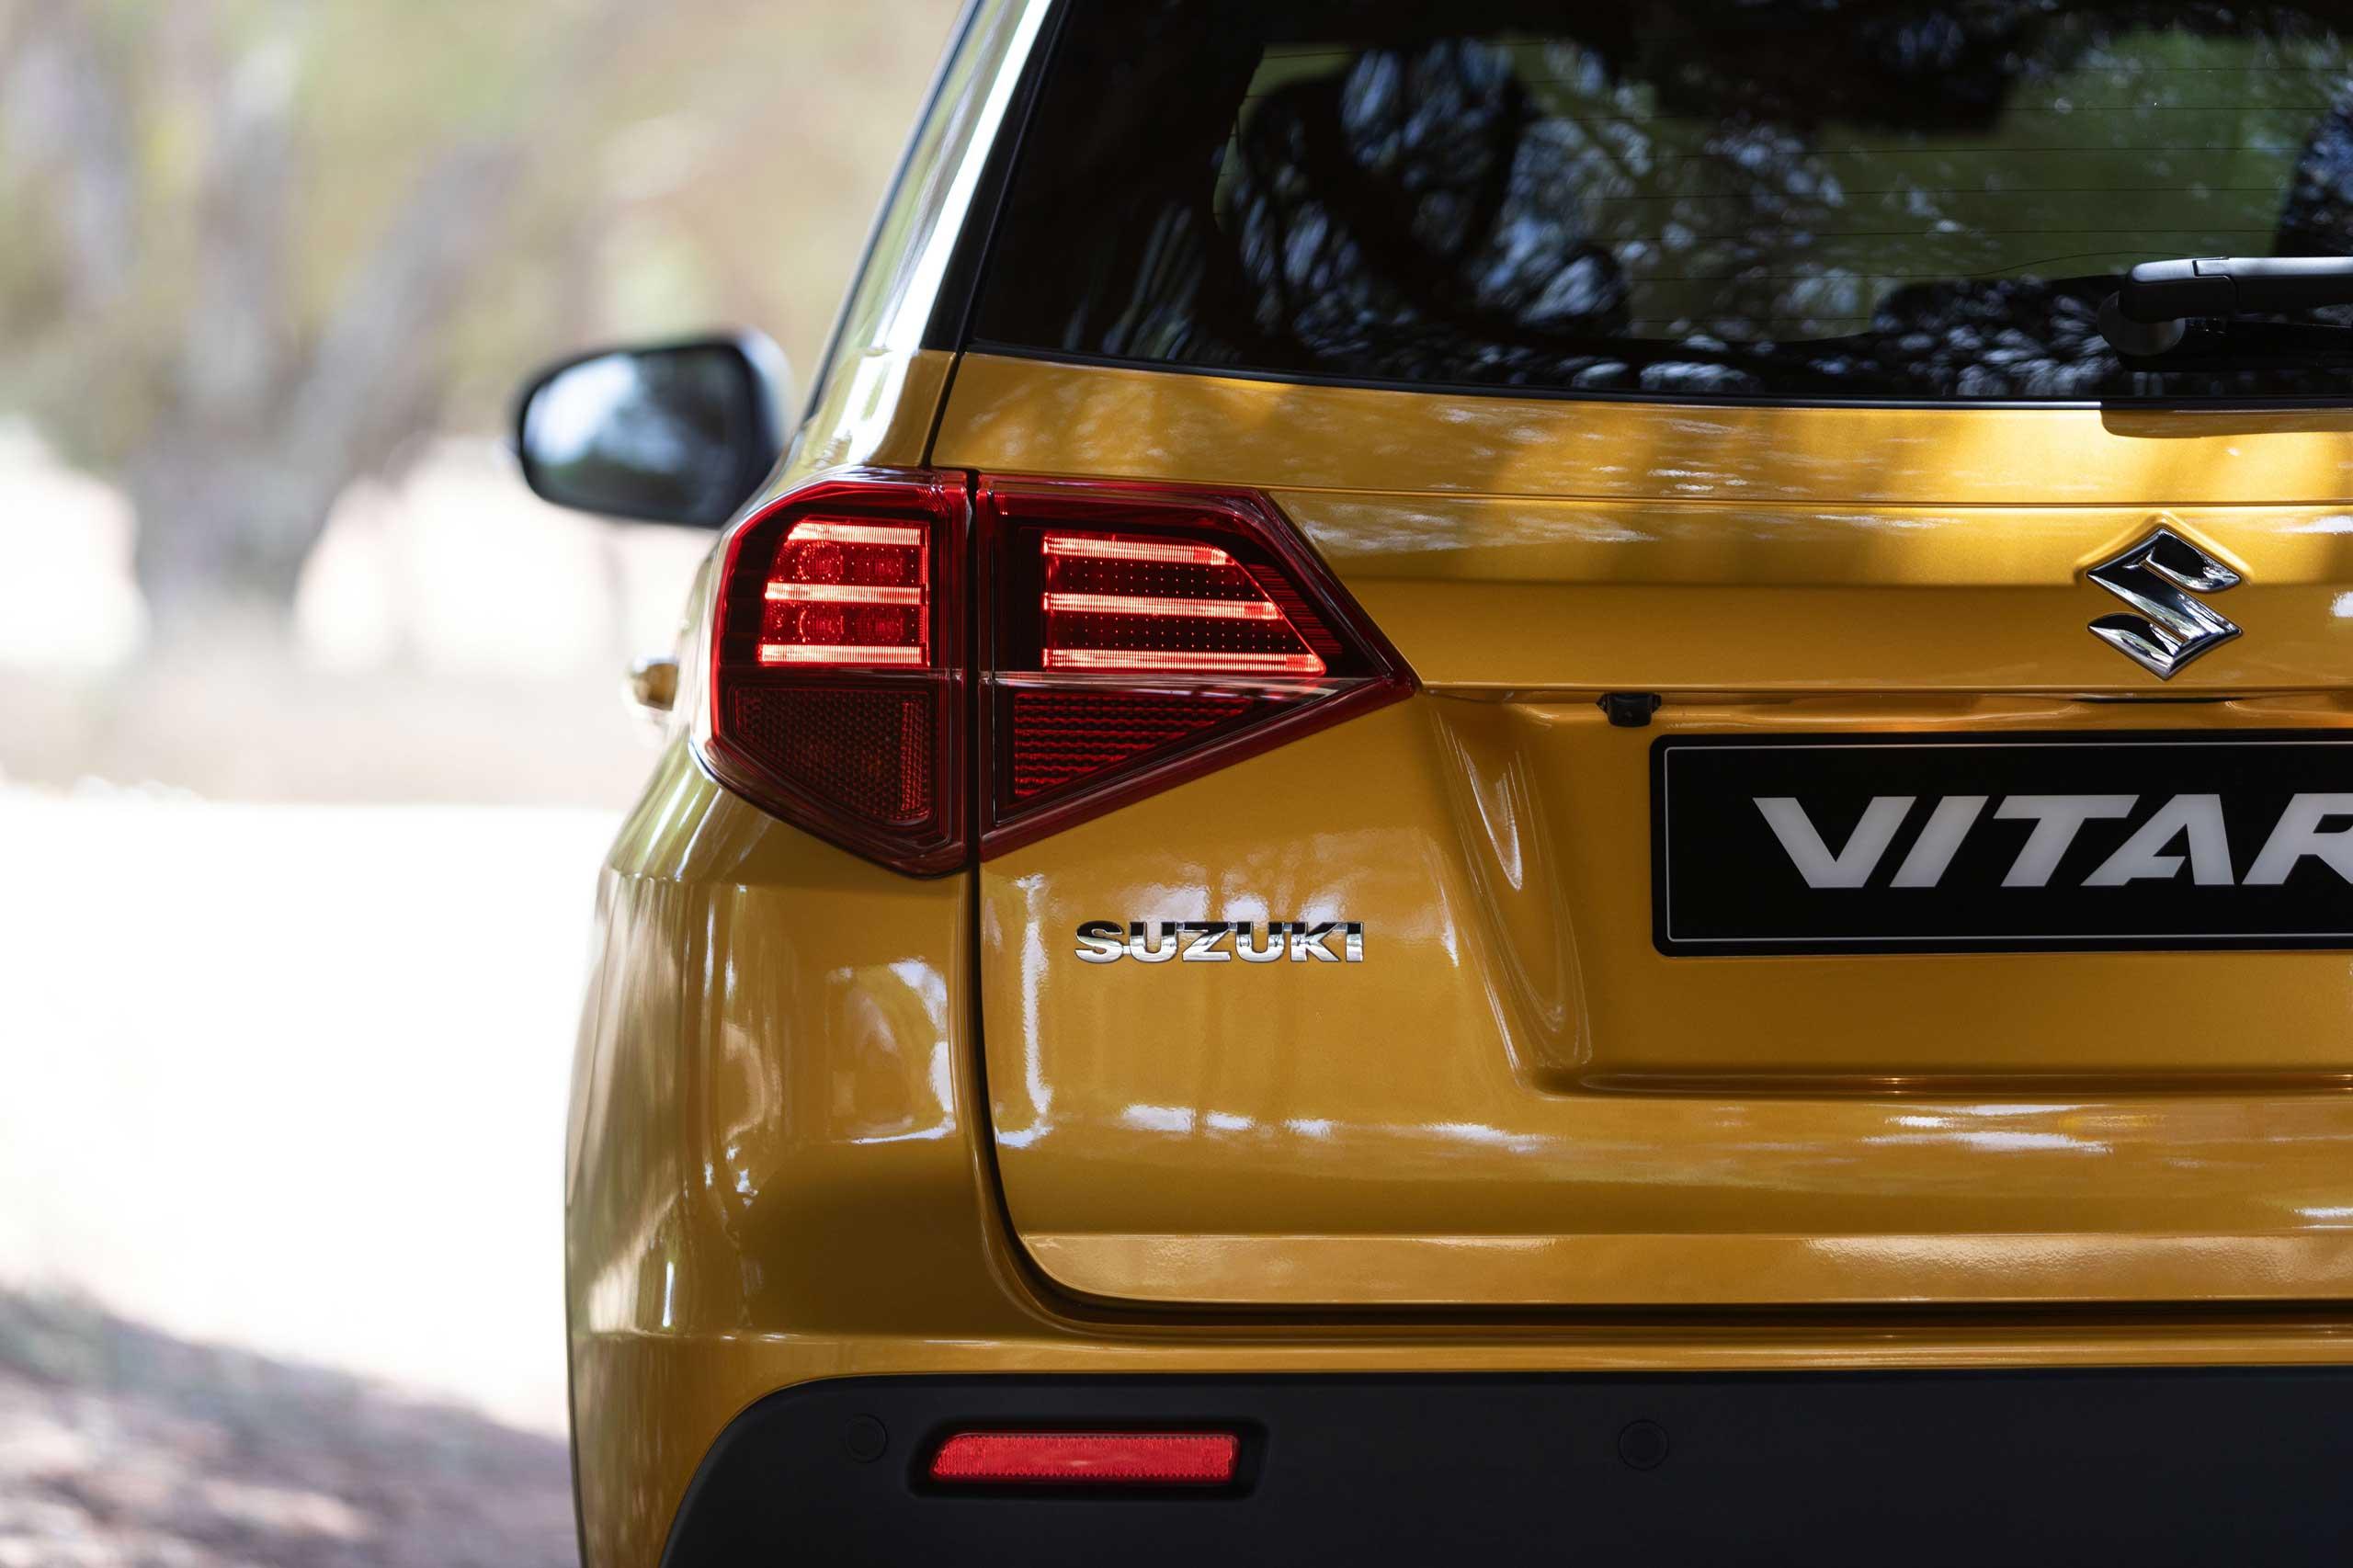 La nuova Suzuki VITARA arriva in Concessionaria